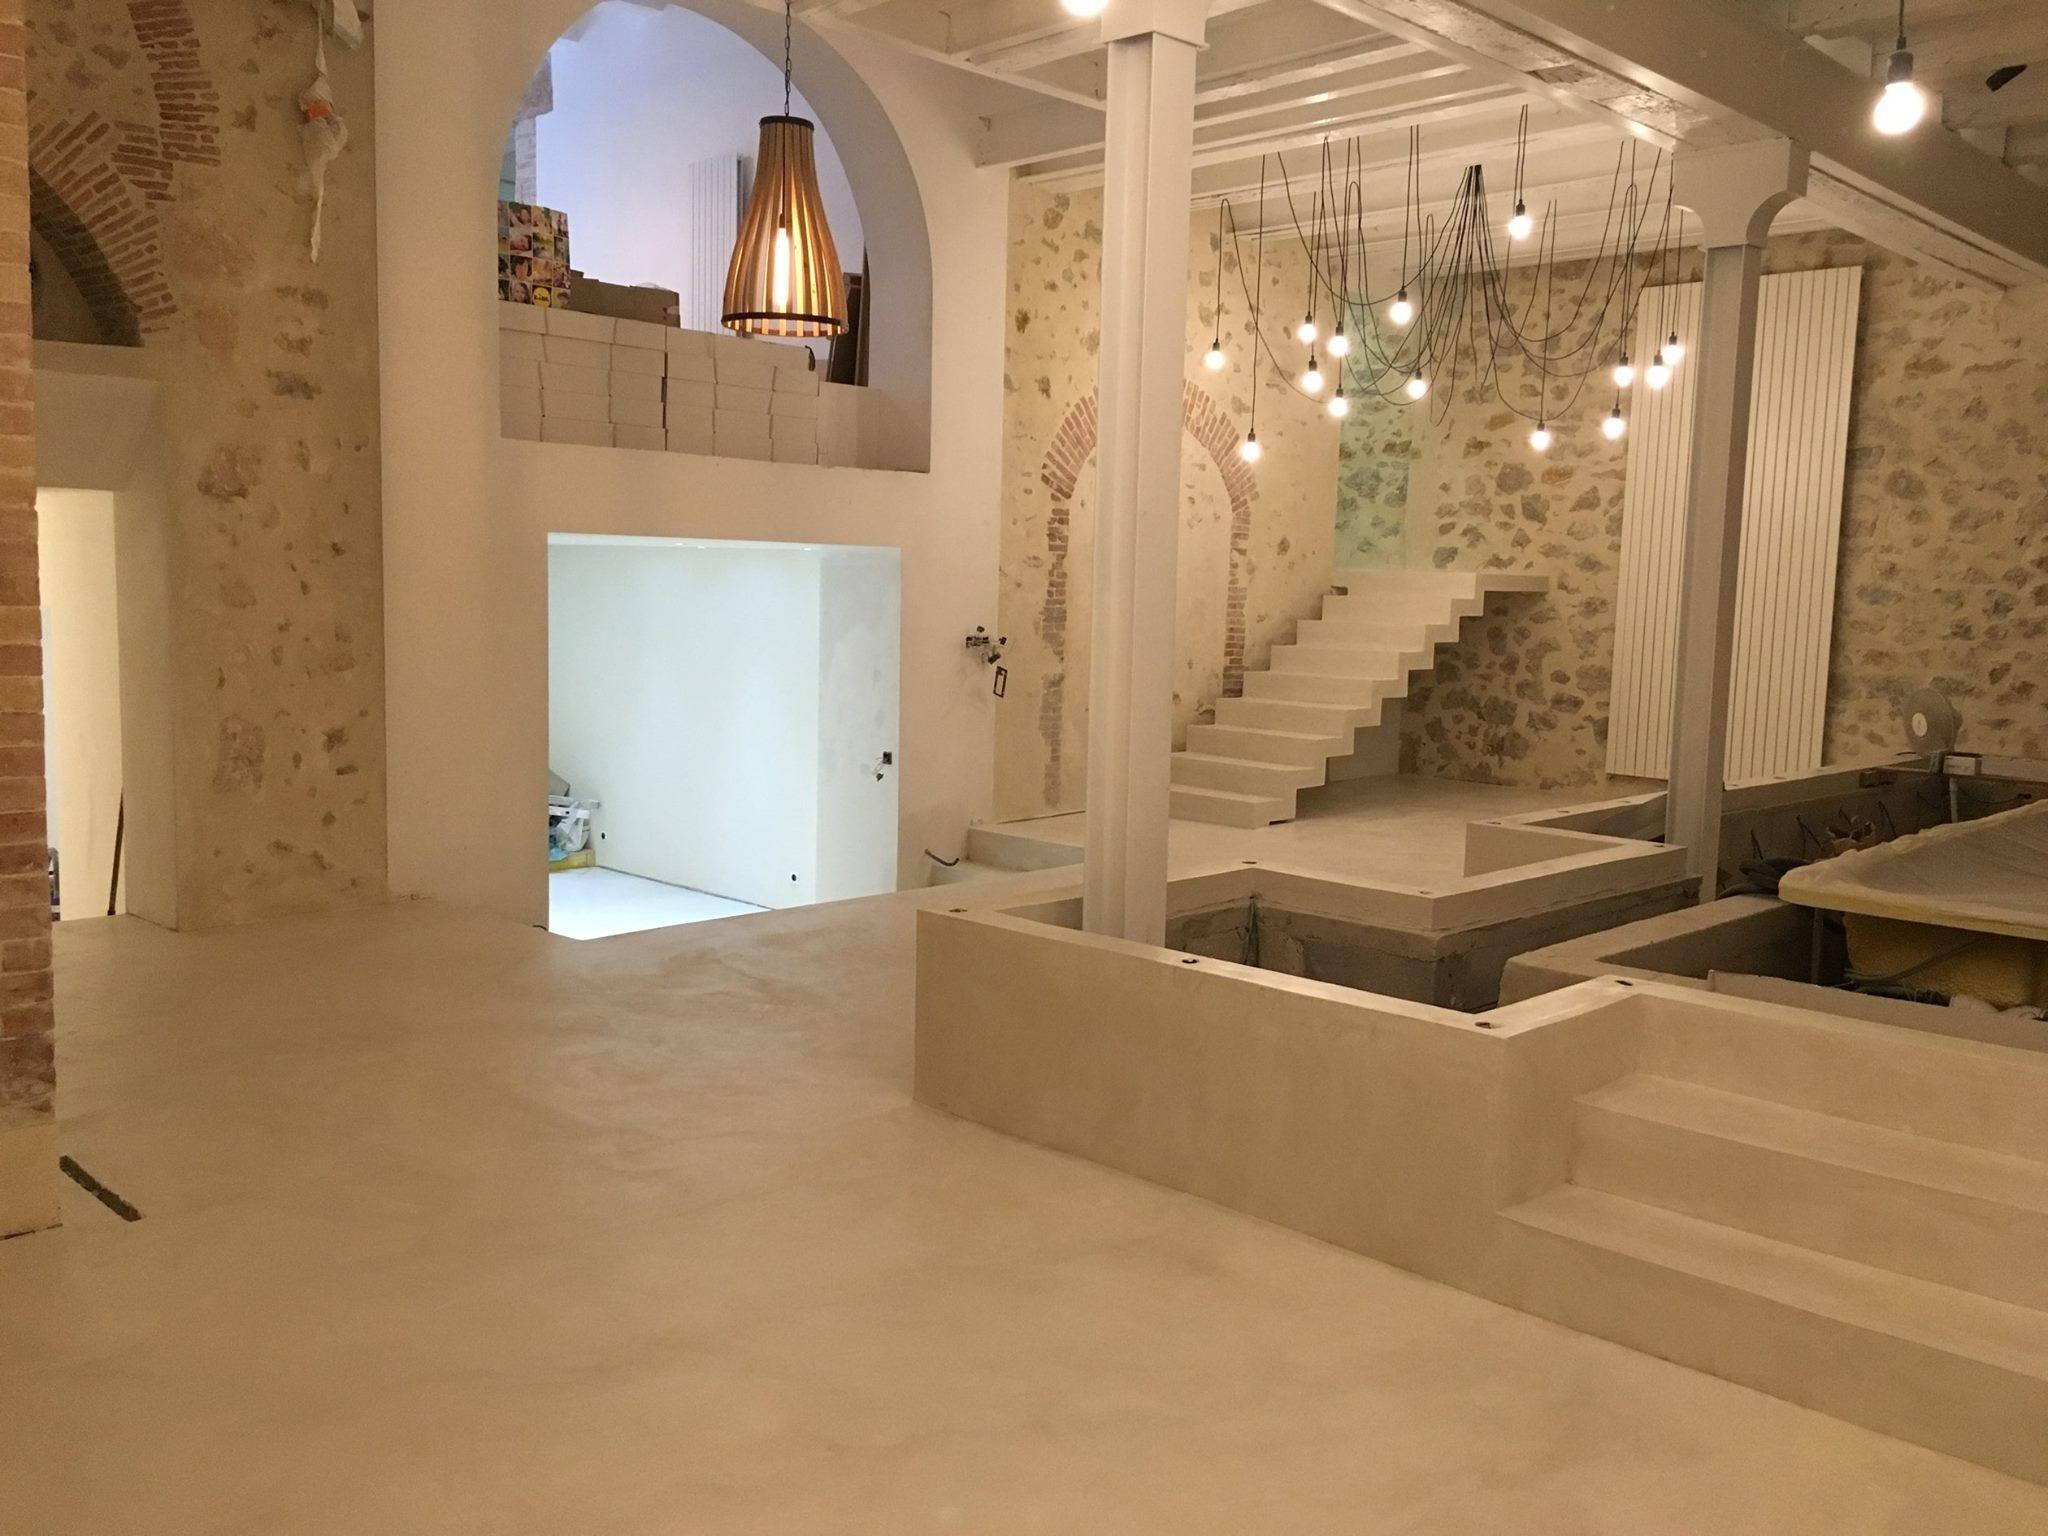 Beton Ciré Salle De Bain salle de bains en beton cire a annecy | creation de salle de